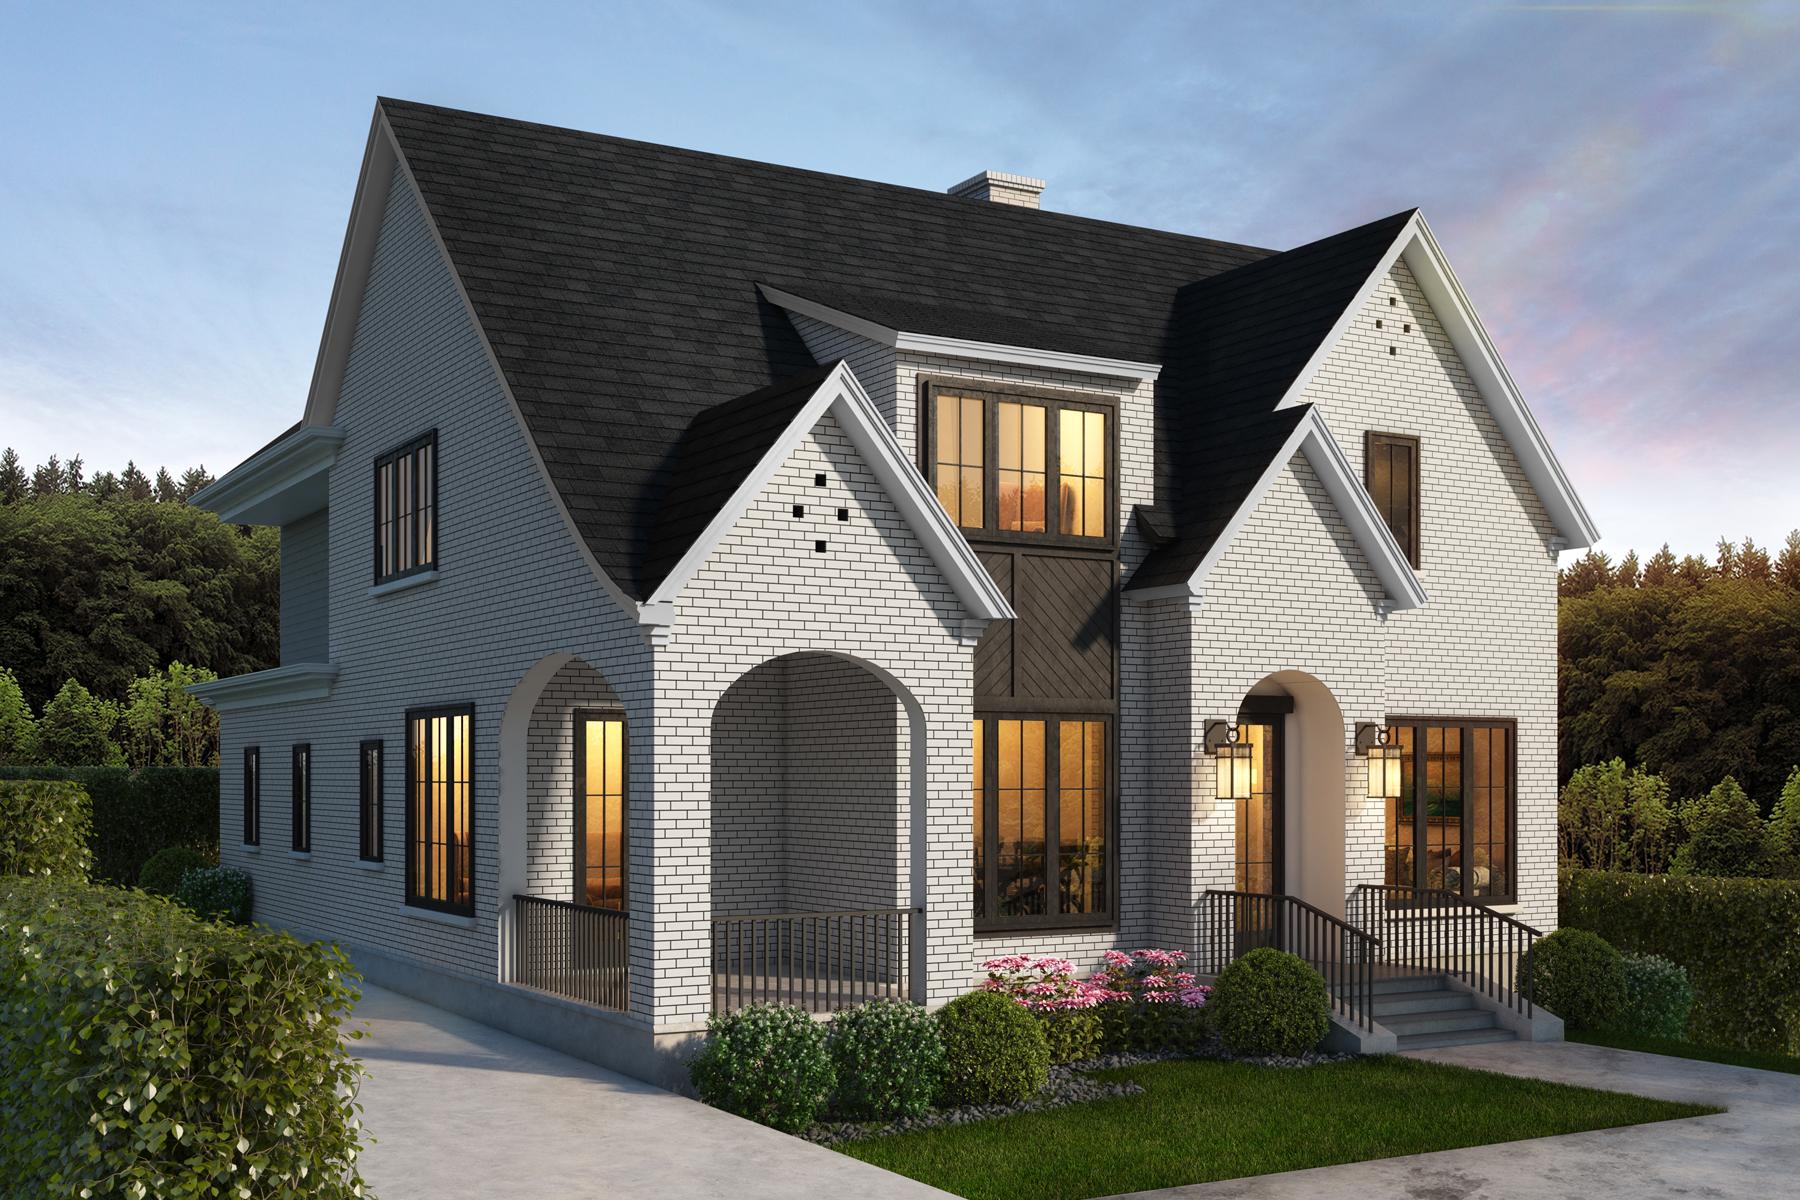 Μονοκατοικία για την Πώληση στο Designed by Architect Linda MacArthur, Emphasizes Indoor/Outdoor Living 4072 N Ivy Road NE Atlanta, Γεωργια 30342 Ηνωμένες Πολιτείες